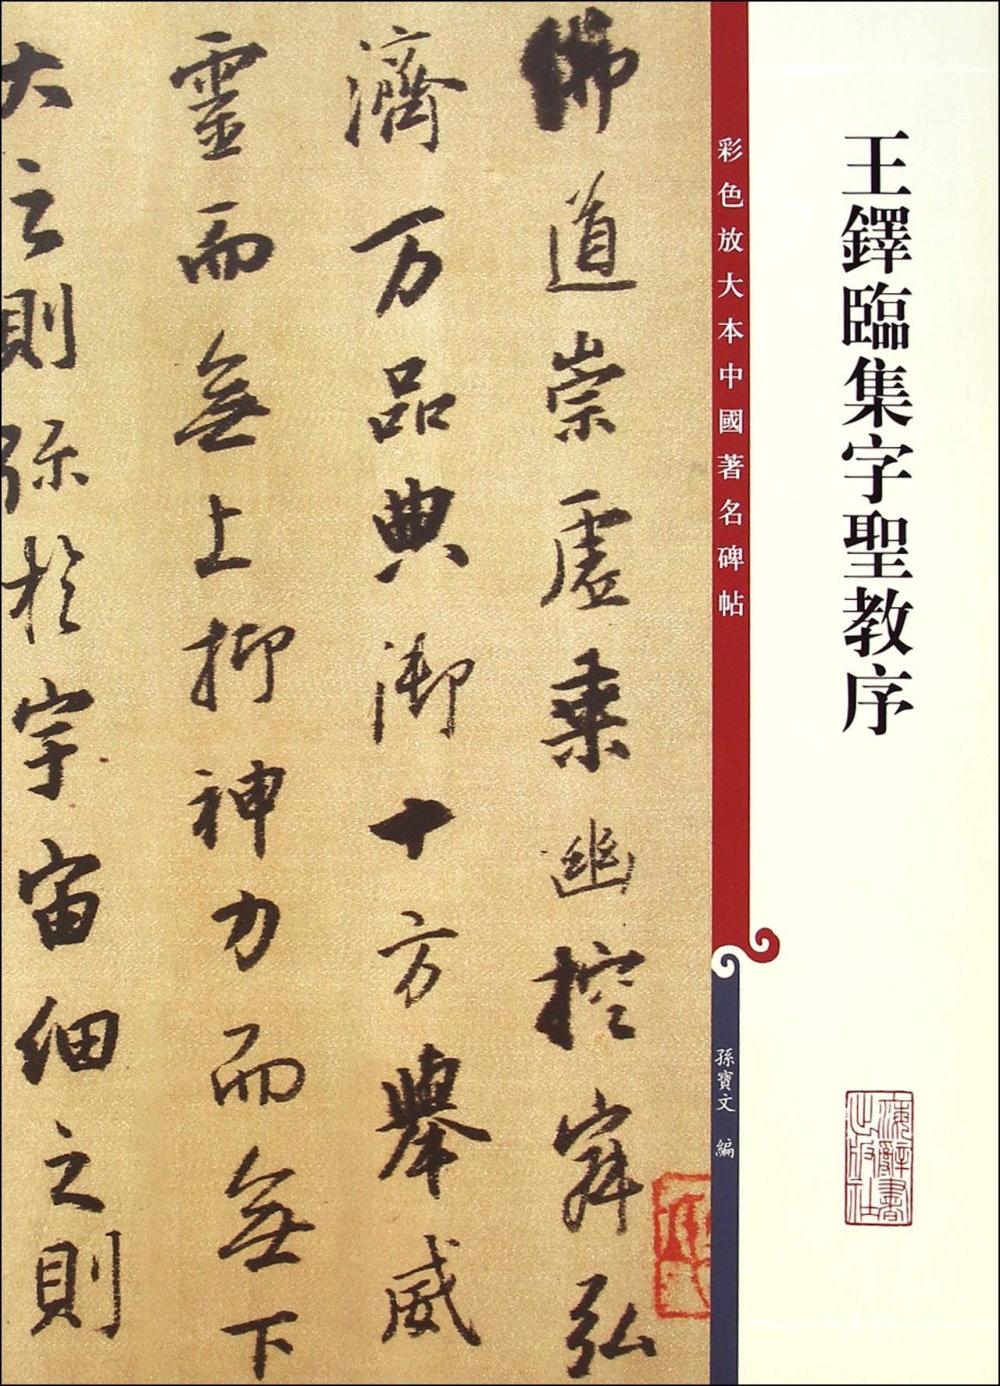 彩色放大本中國著名碑帖:王鐸臨集字聖教序